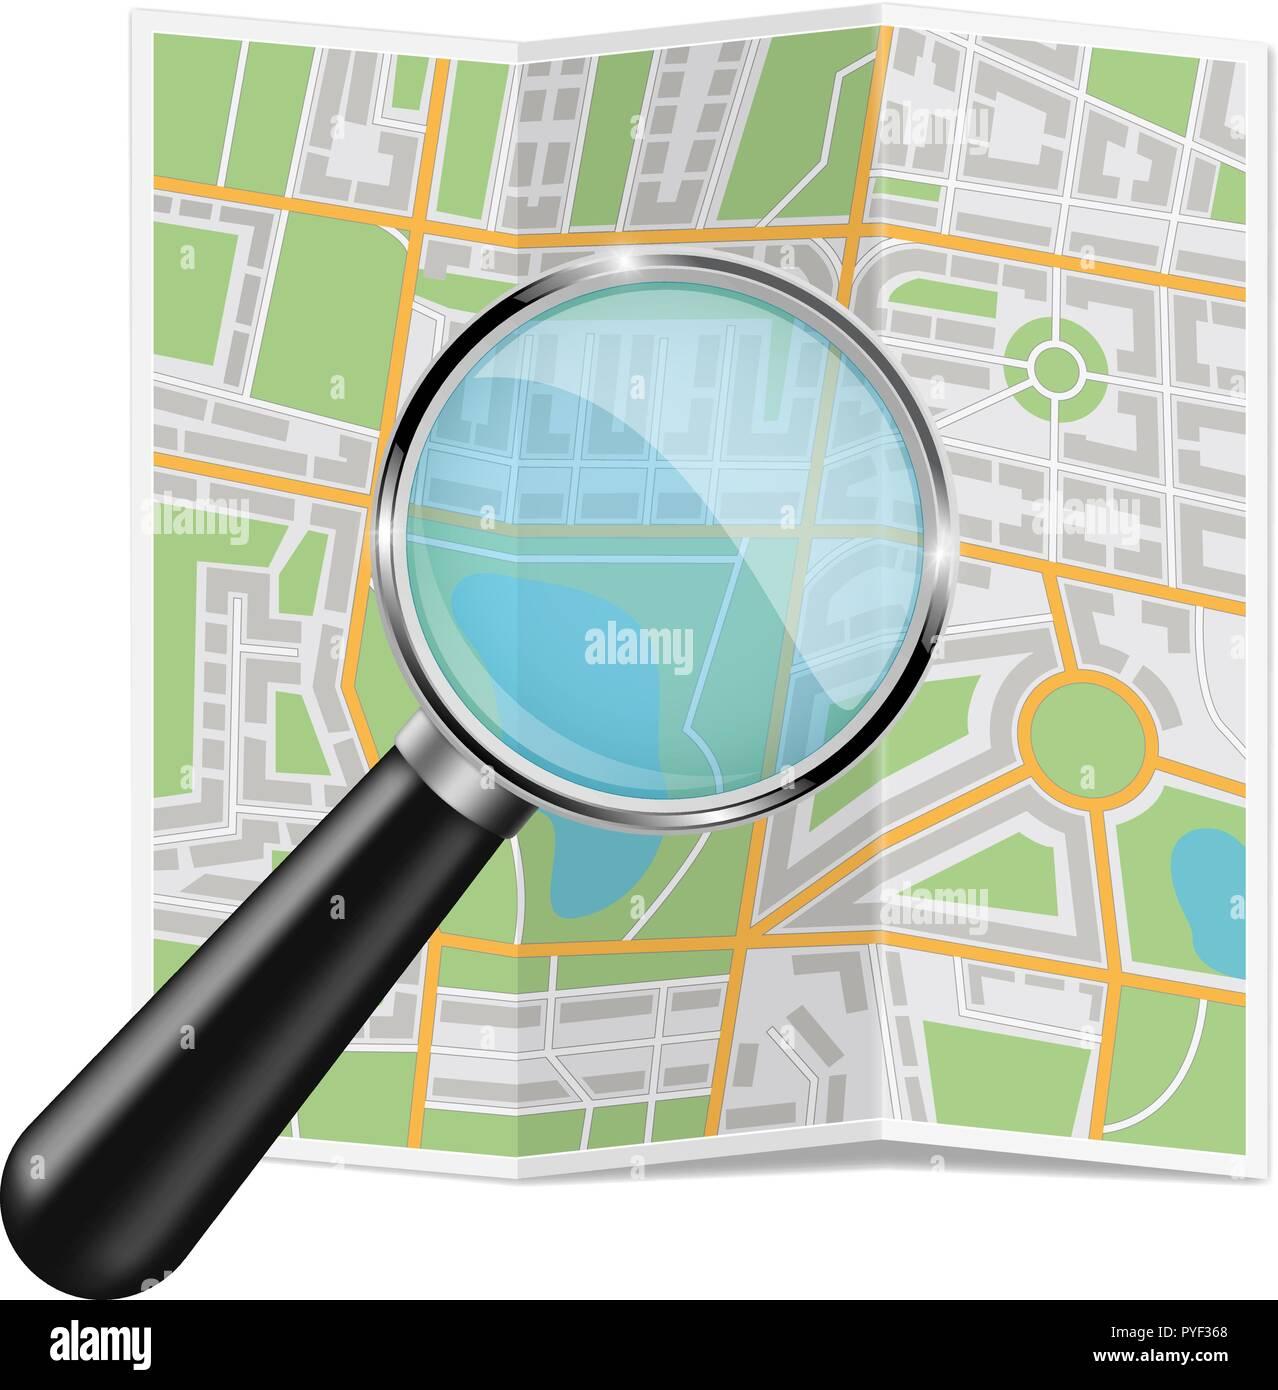 Plan de ville pliée. Résumé La cartographie avec verre zoom Photo Stock